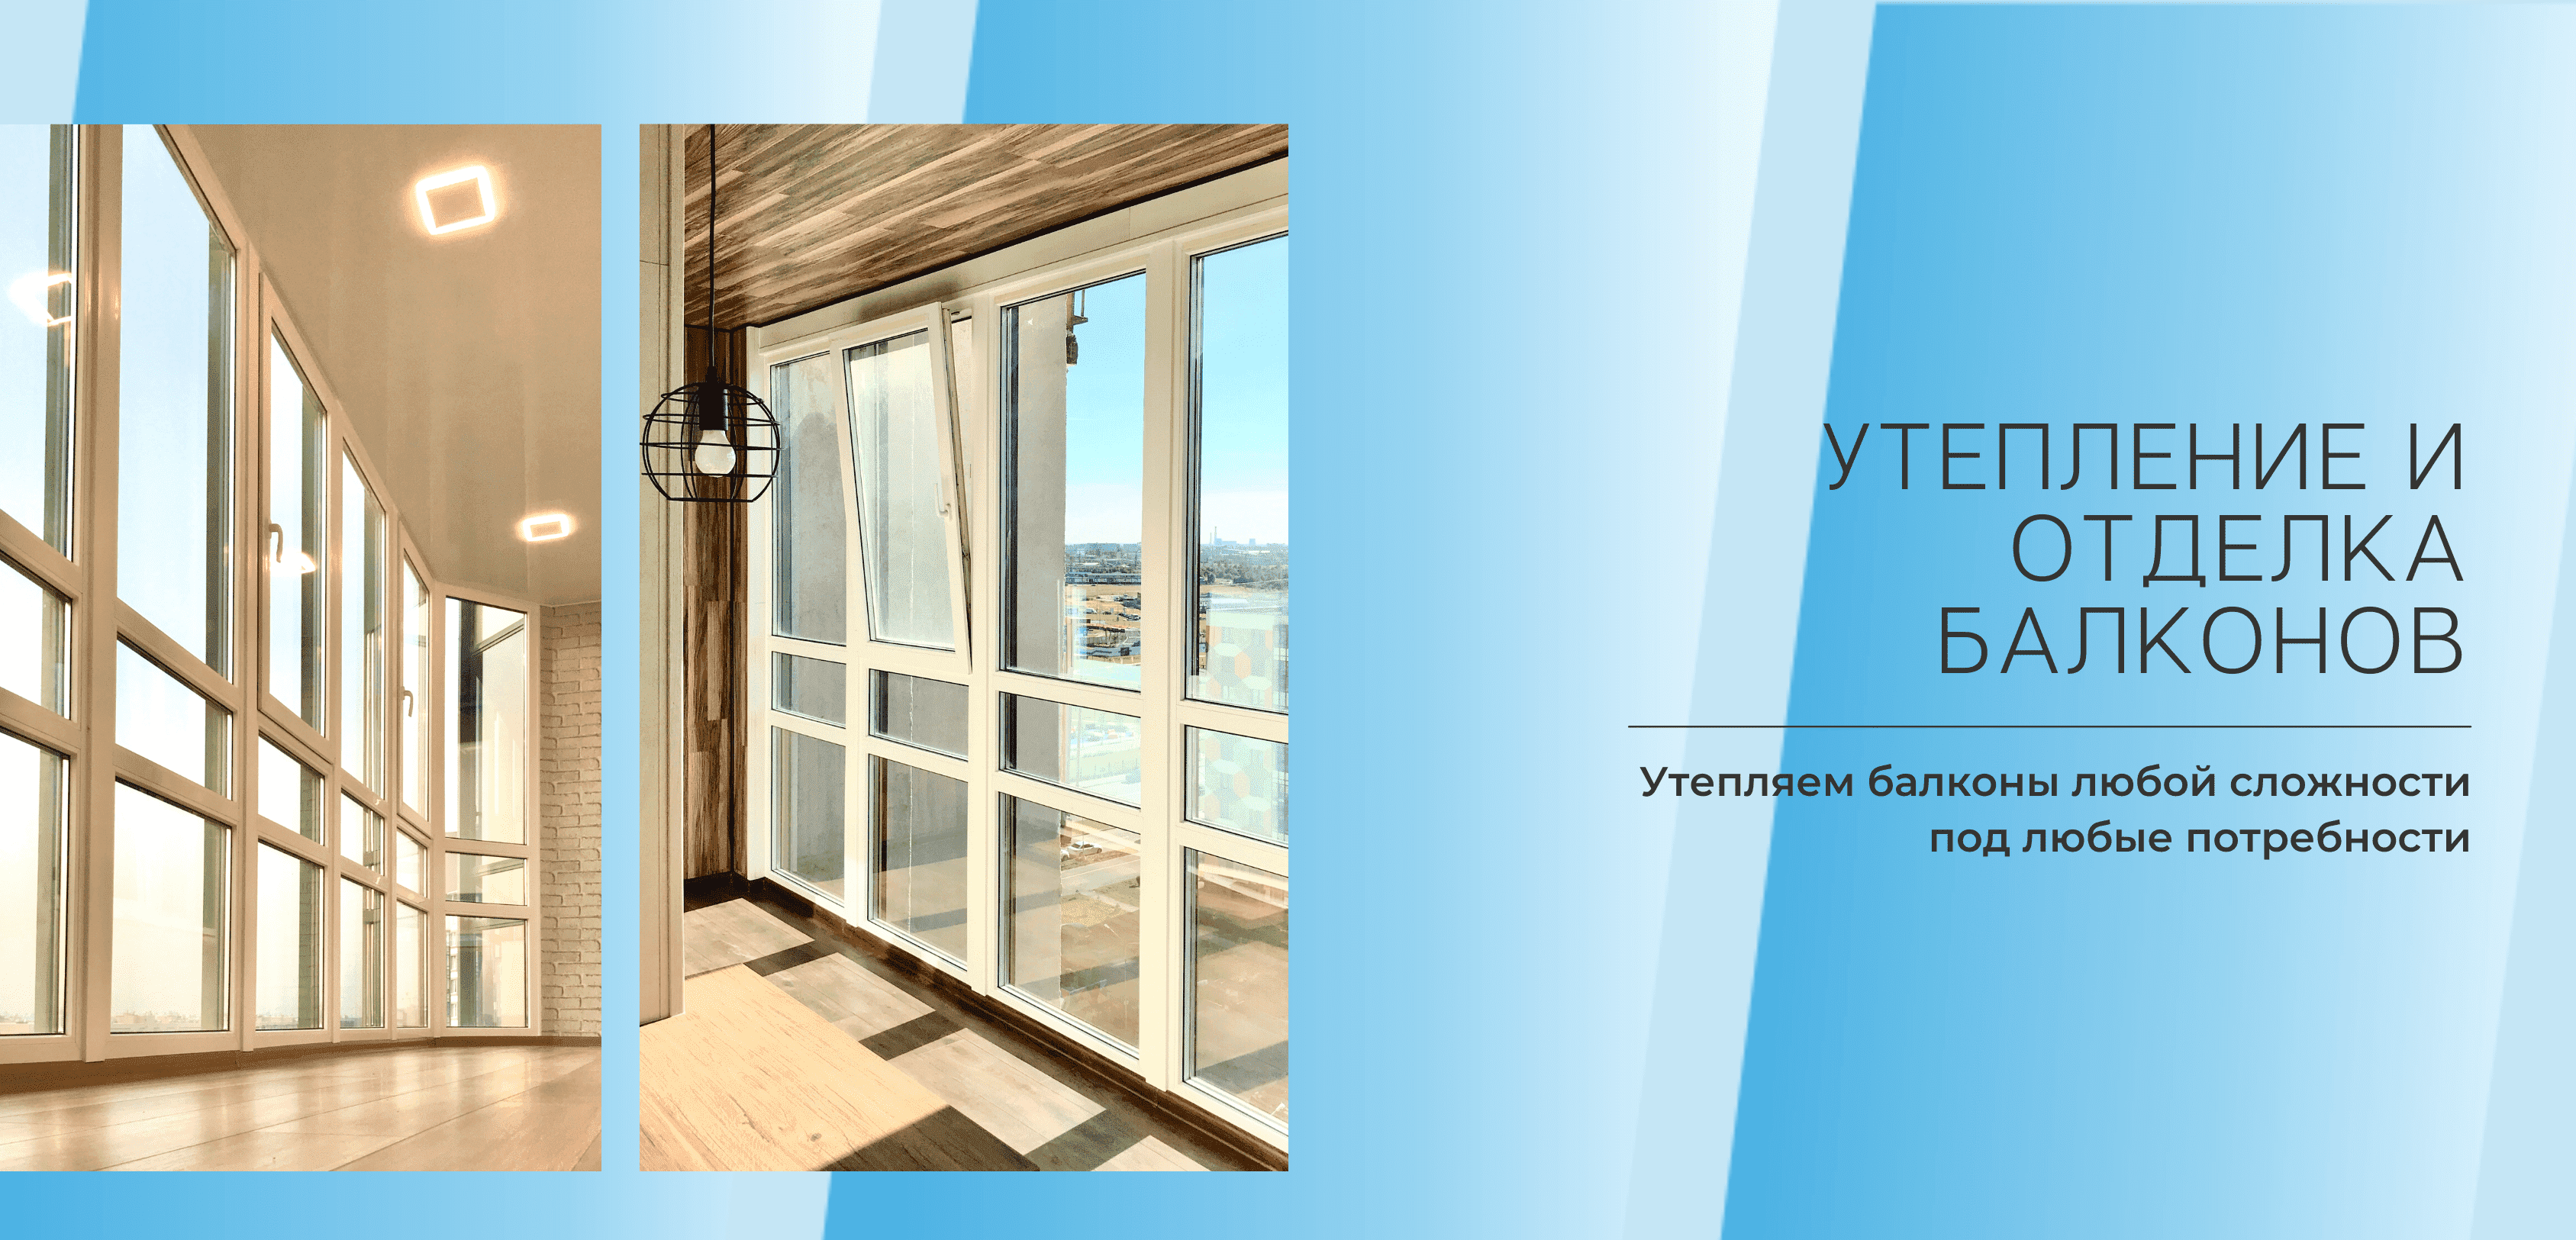 Утепление и отделка балконов